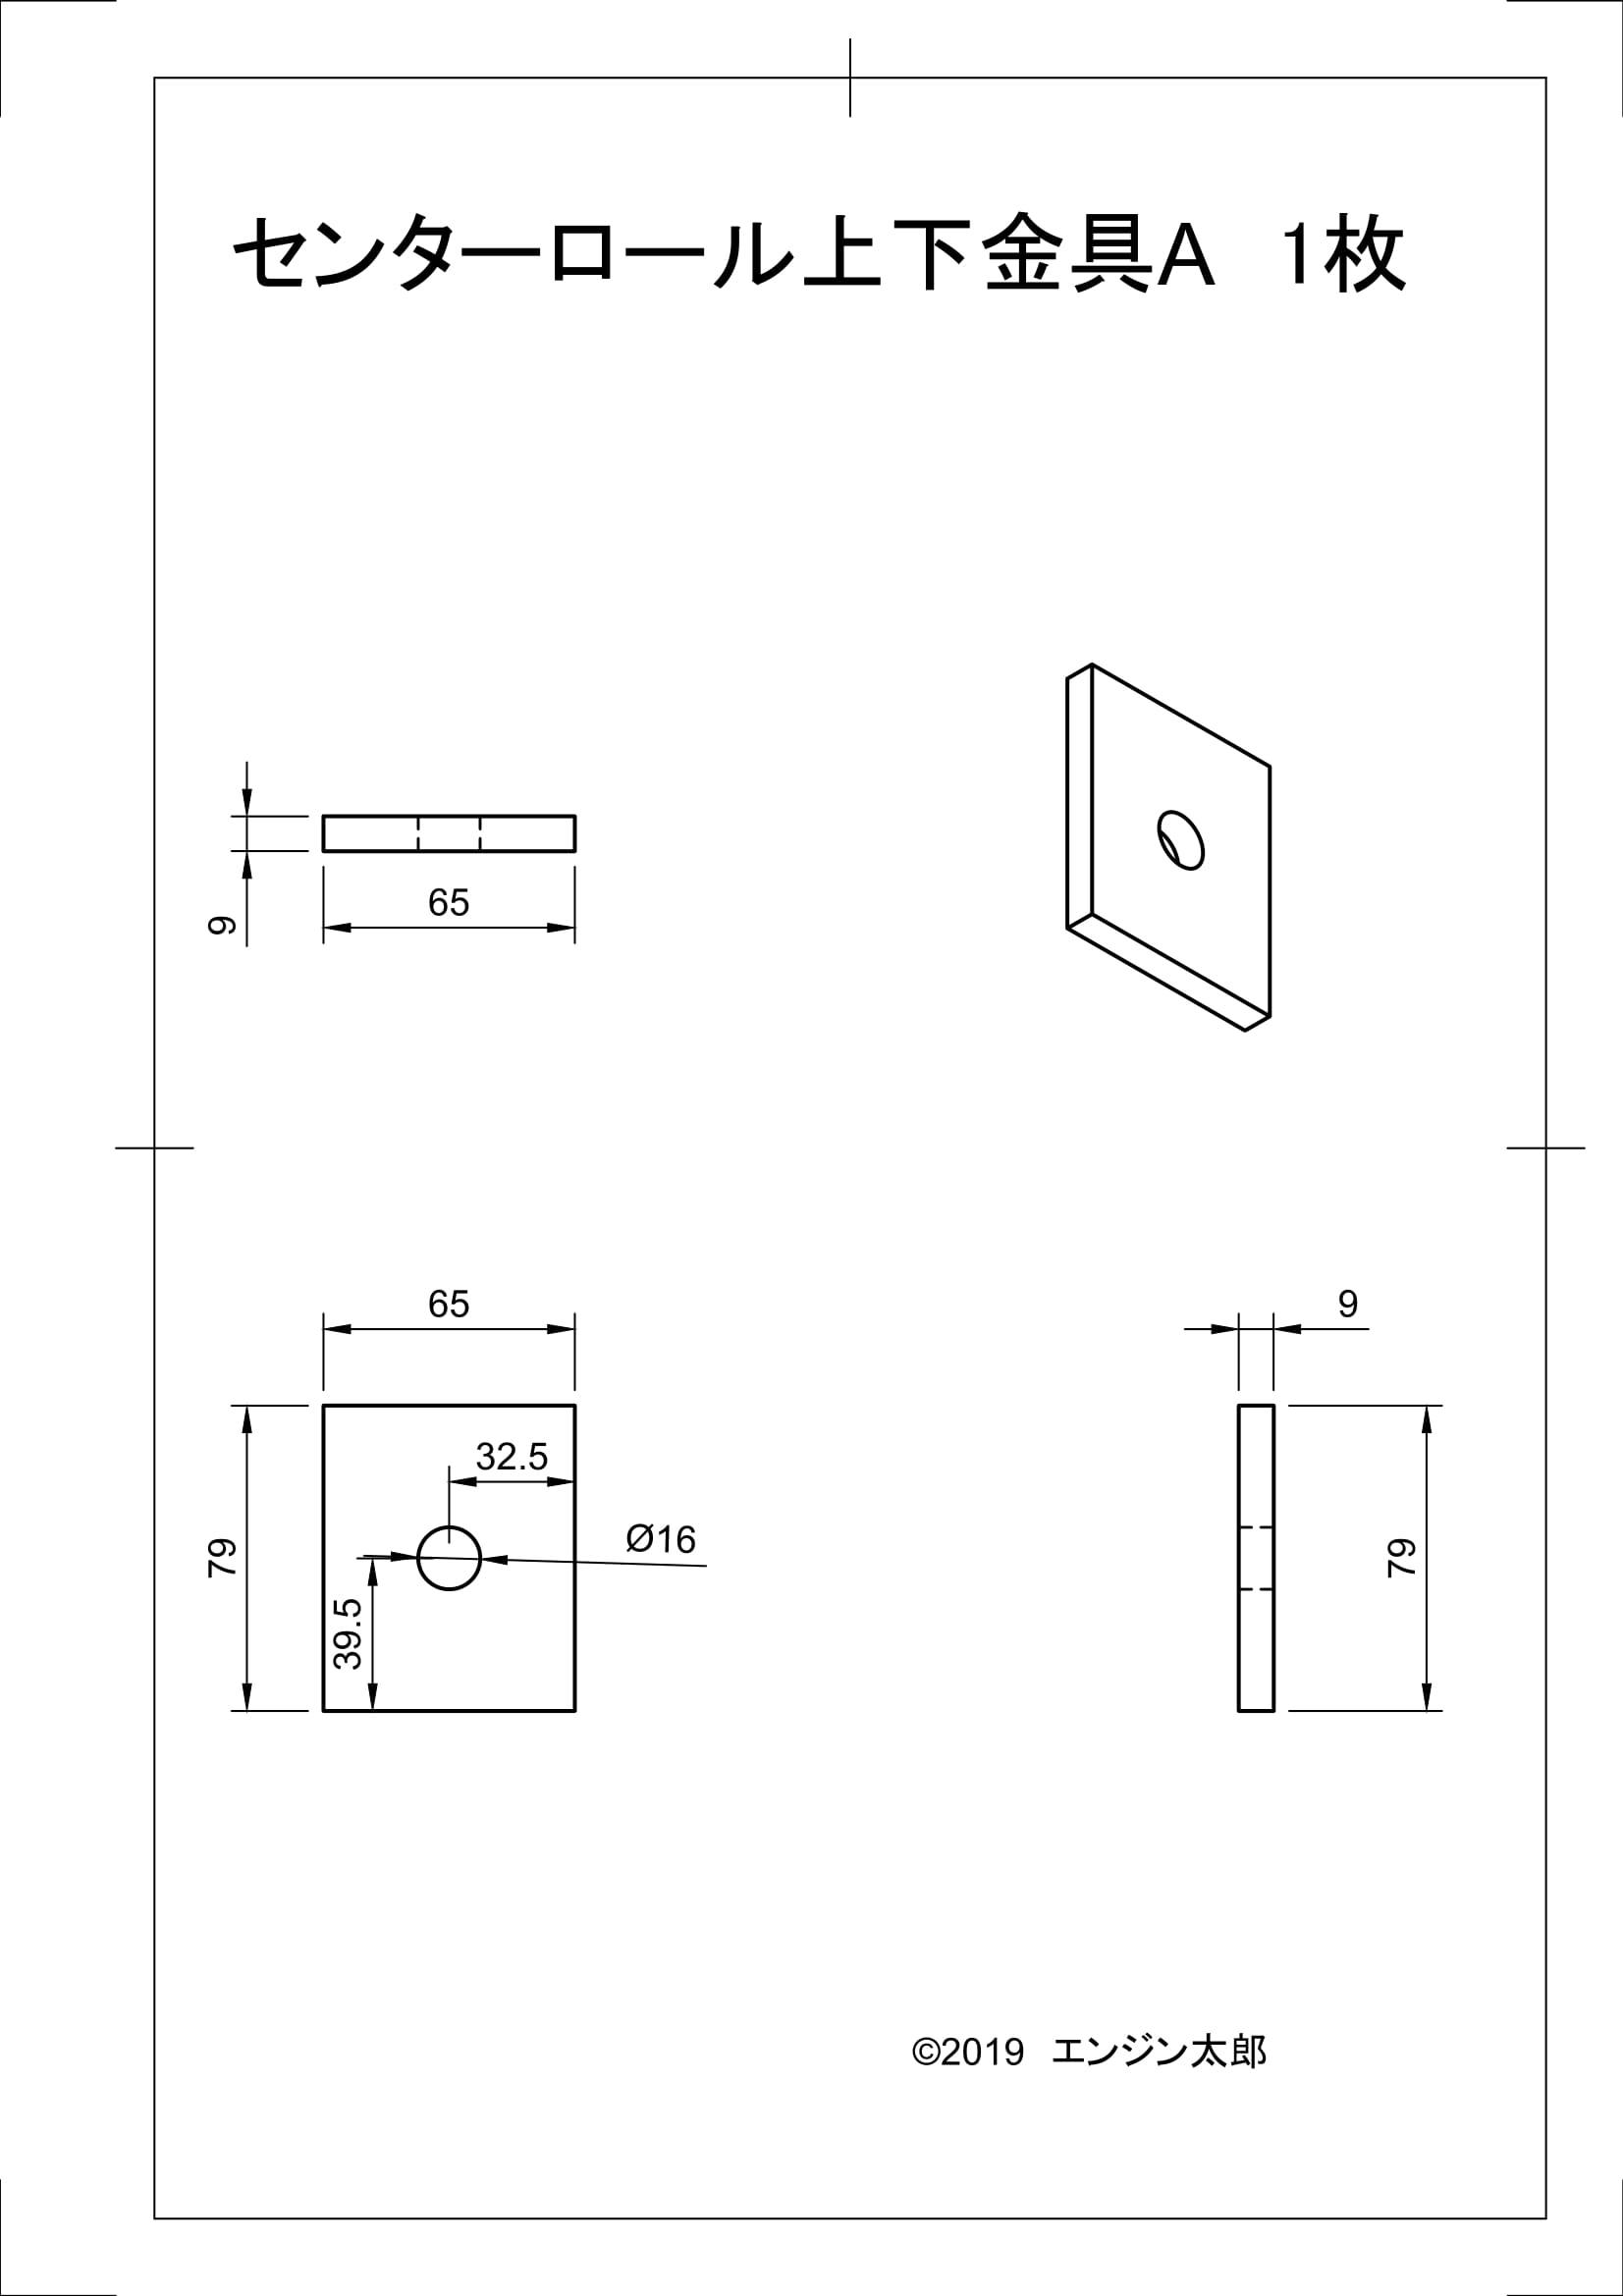 17チューブローラー2_センターロール上下金具A 図面-1